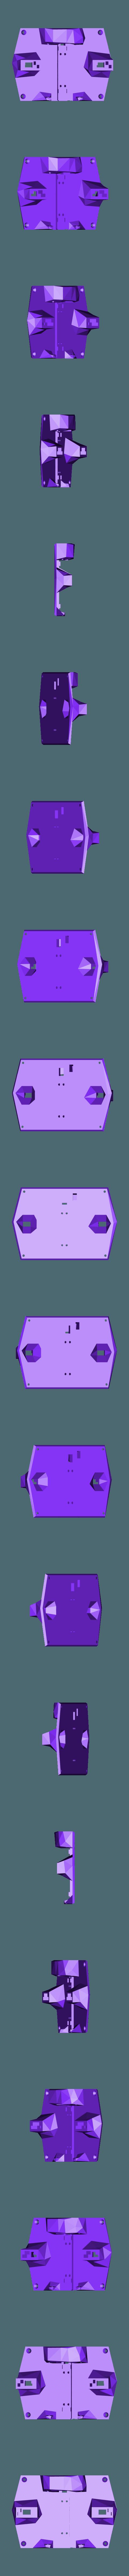 poly-base.stl Download free STL file Poly 3D Printer Frame • 3D printer design, Poly